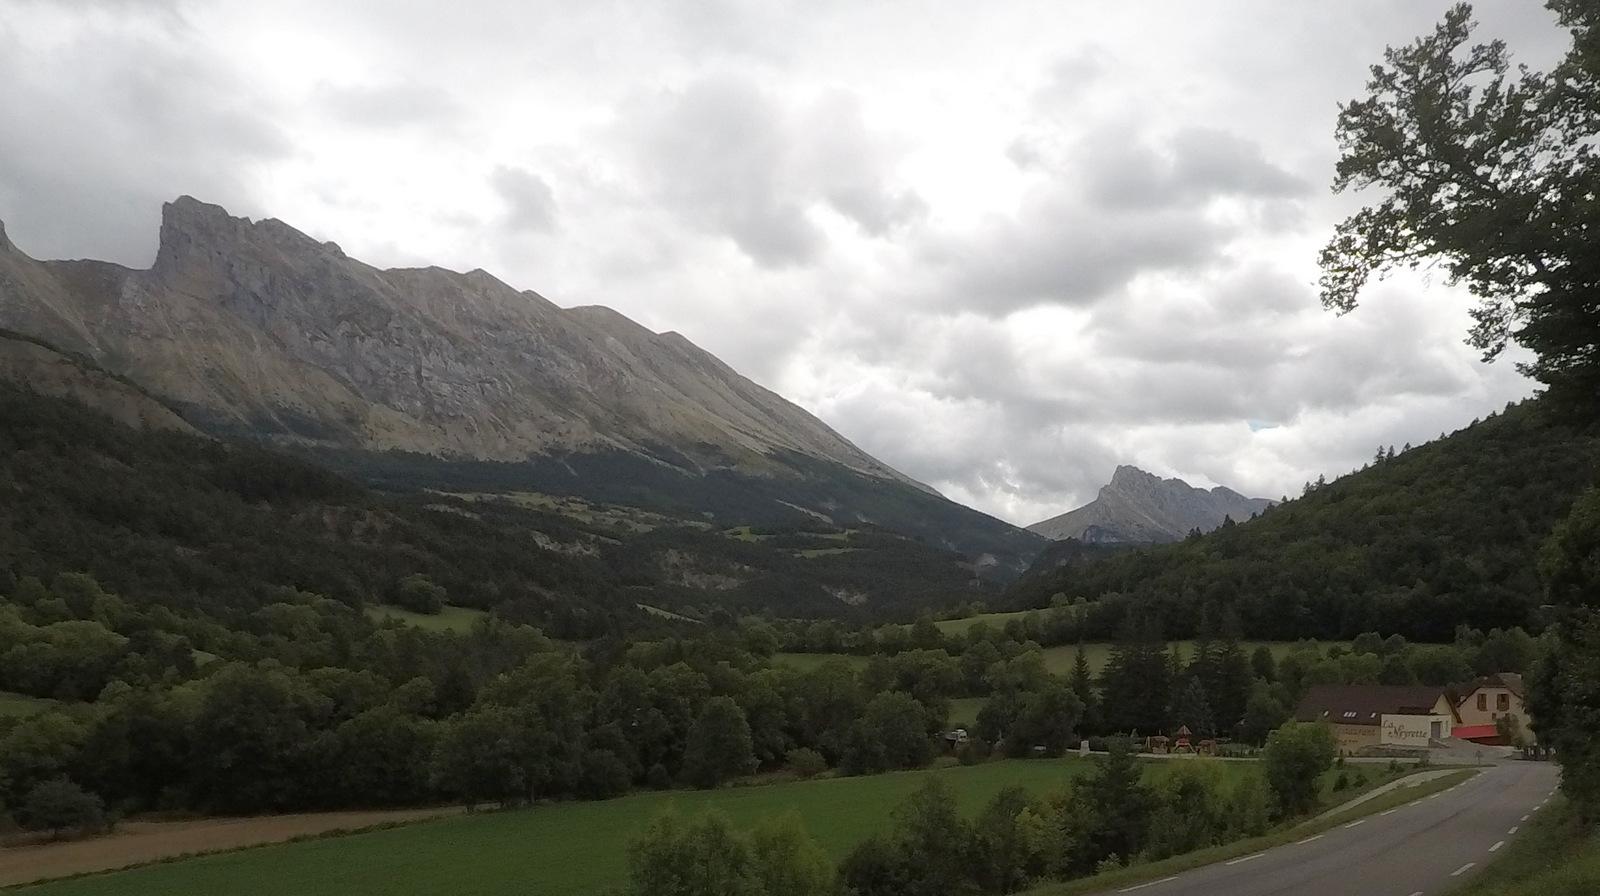 montagne de Feraud à Saint Disdier